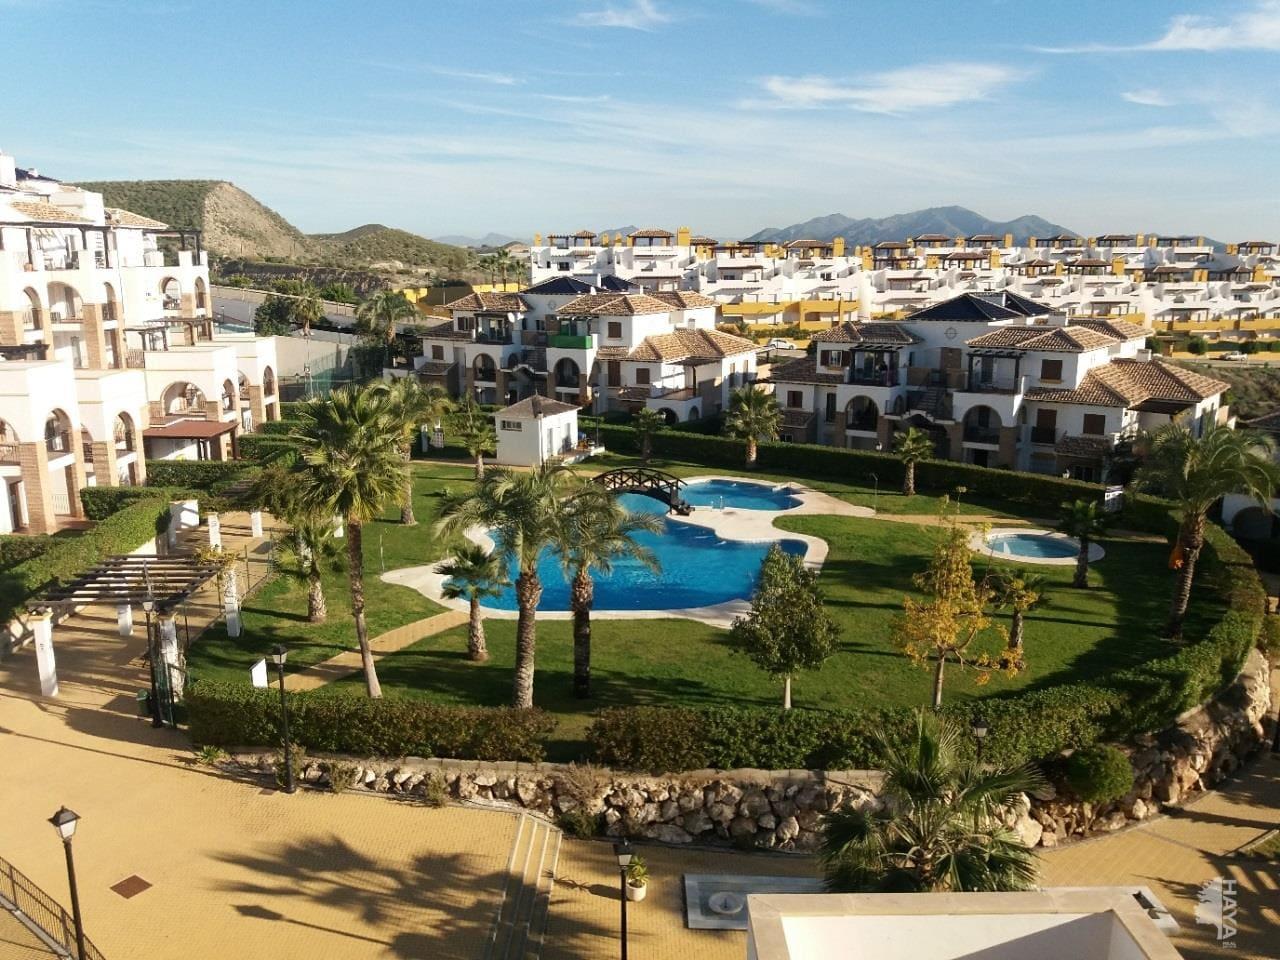 Piso en venta en Vera Playa, Vera, Almería, Calle Tomillo, 97.200 €, 2 habitaciones, 2 baños, 71 m2